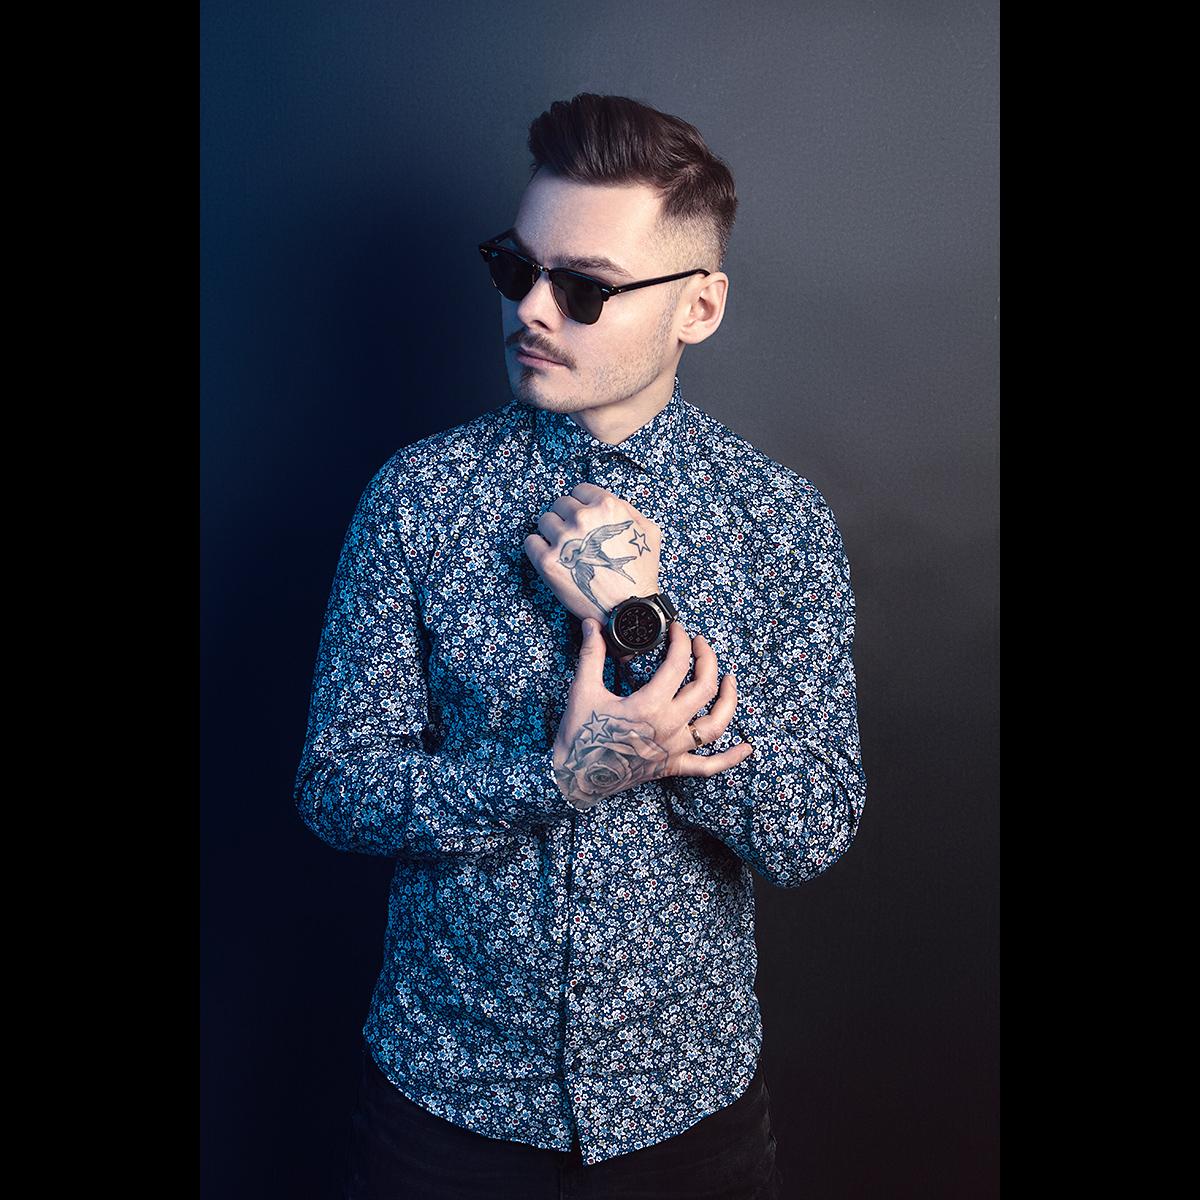 Łukasz Liszko - fotografia biznesowa - wizerunkowa - DJ Refresh